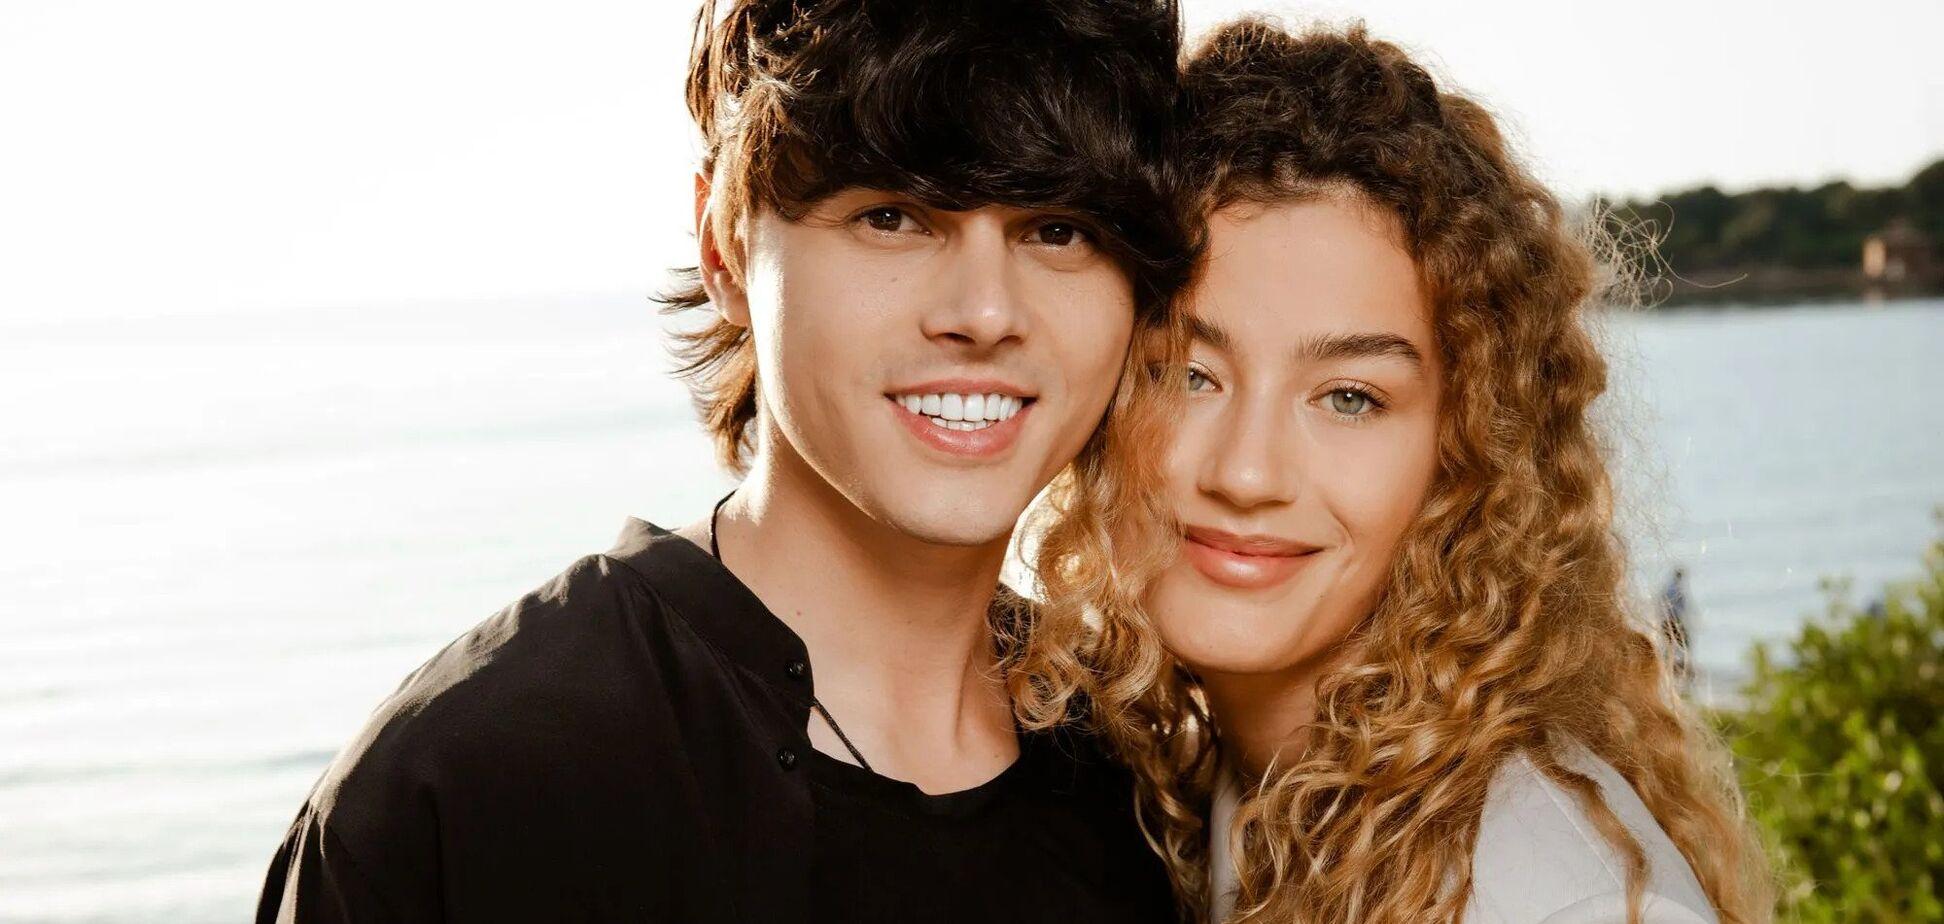 Мама співака ALEKSEEV відверто розповіла про стосунки сина з солісткою 'ВІА Гри'